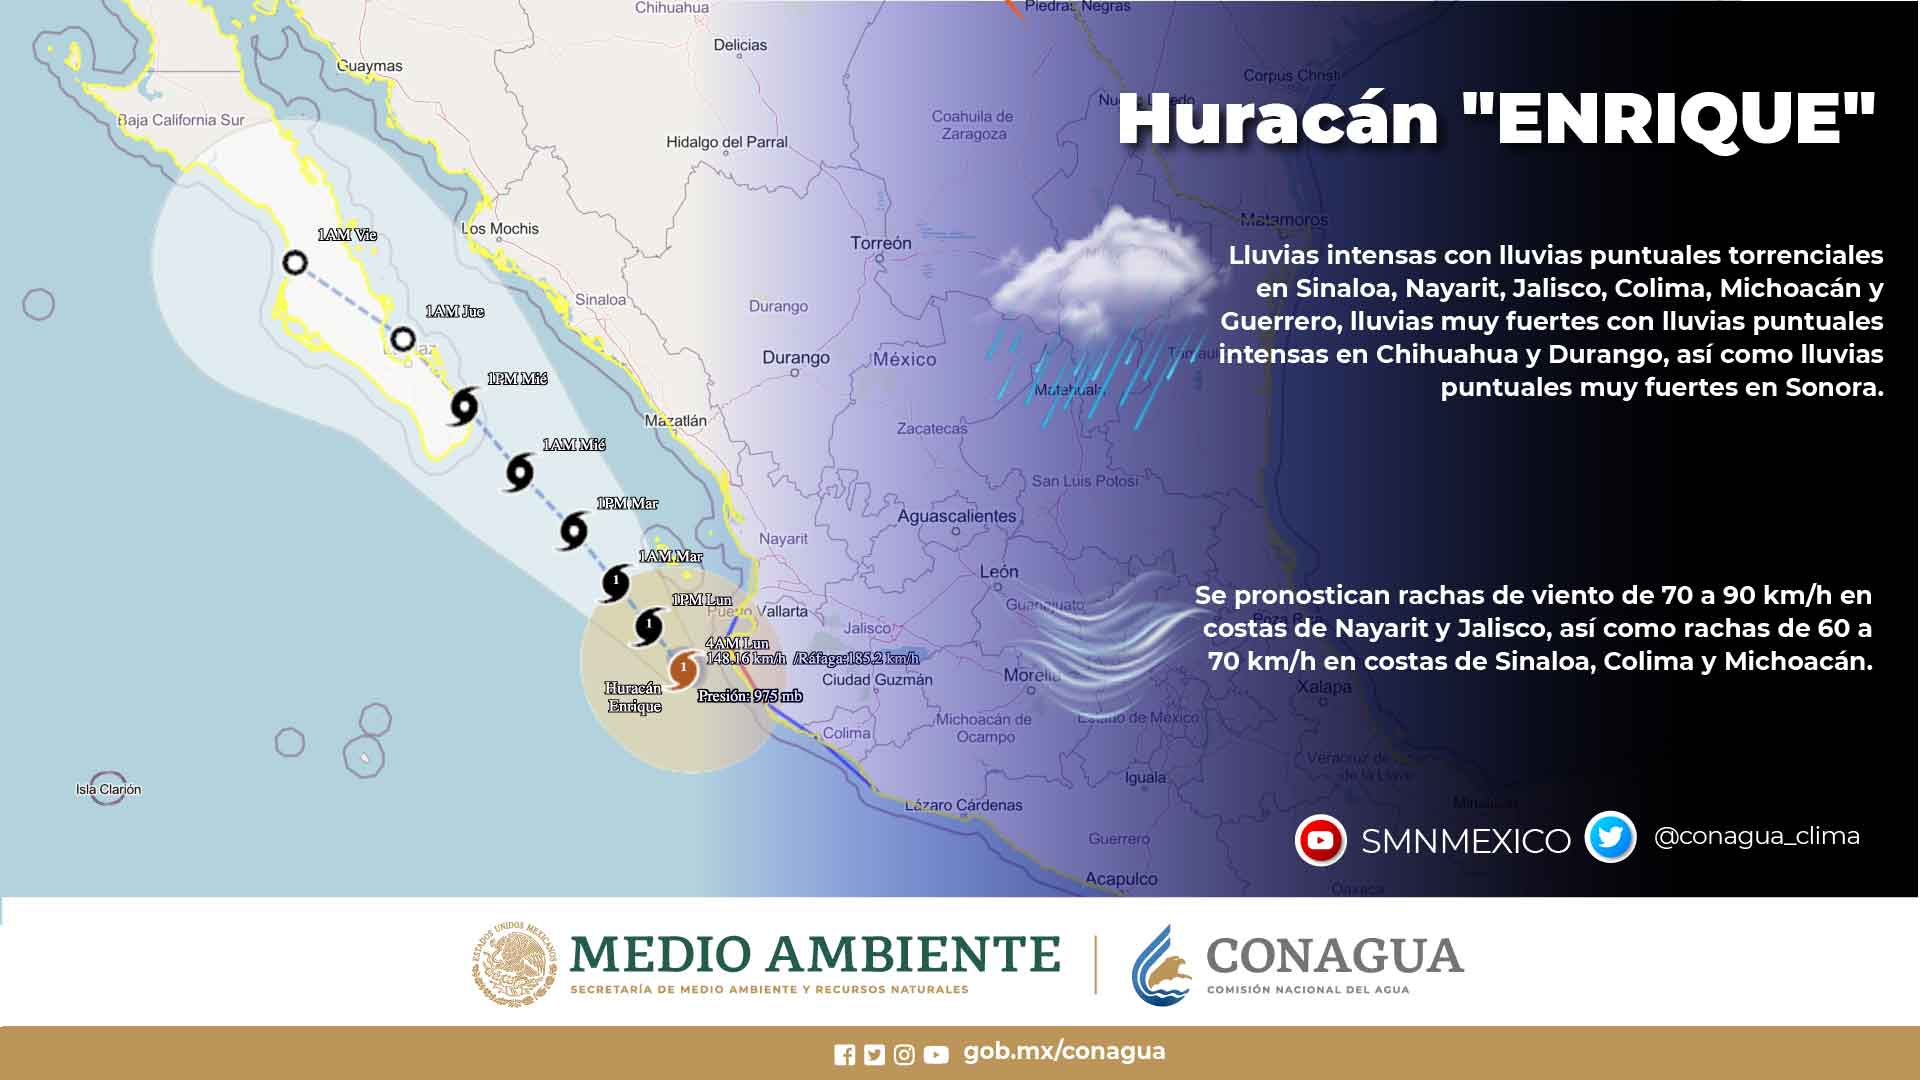 El huracán Enrique, continúa como categoría 1 y se ubica muy cercano de las costas de Jalisco